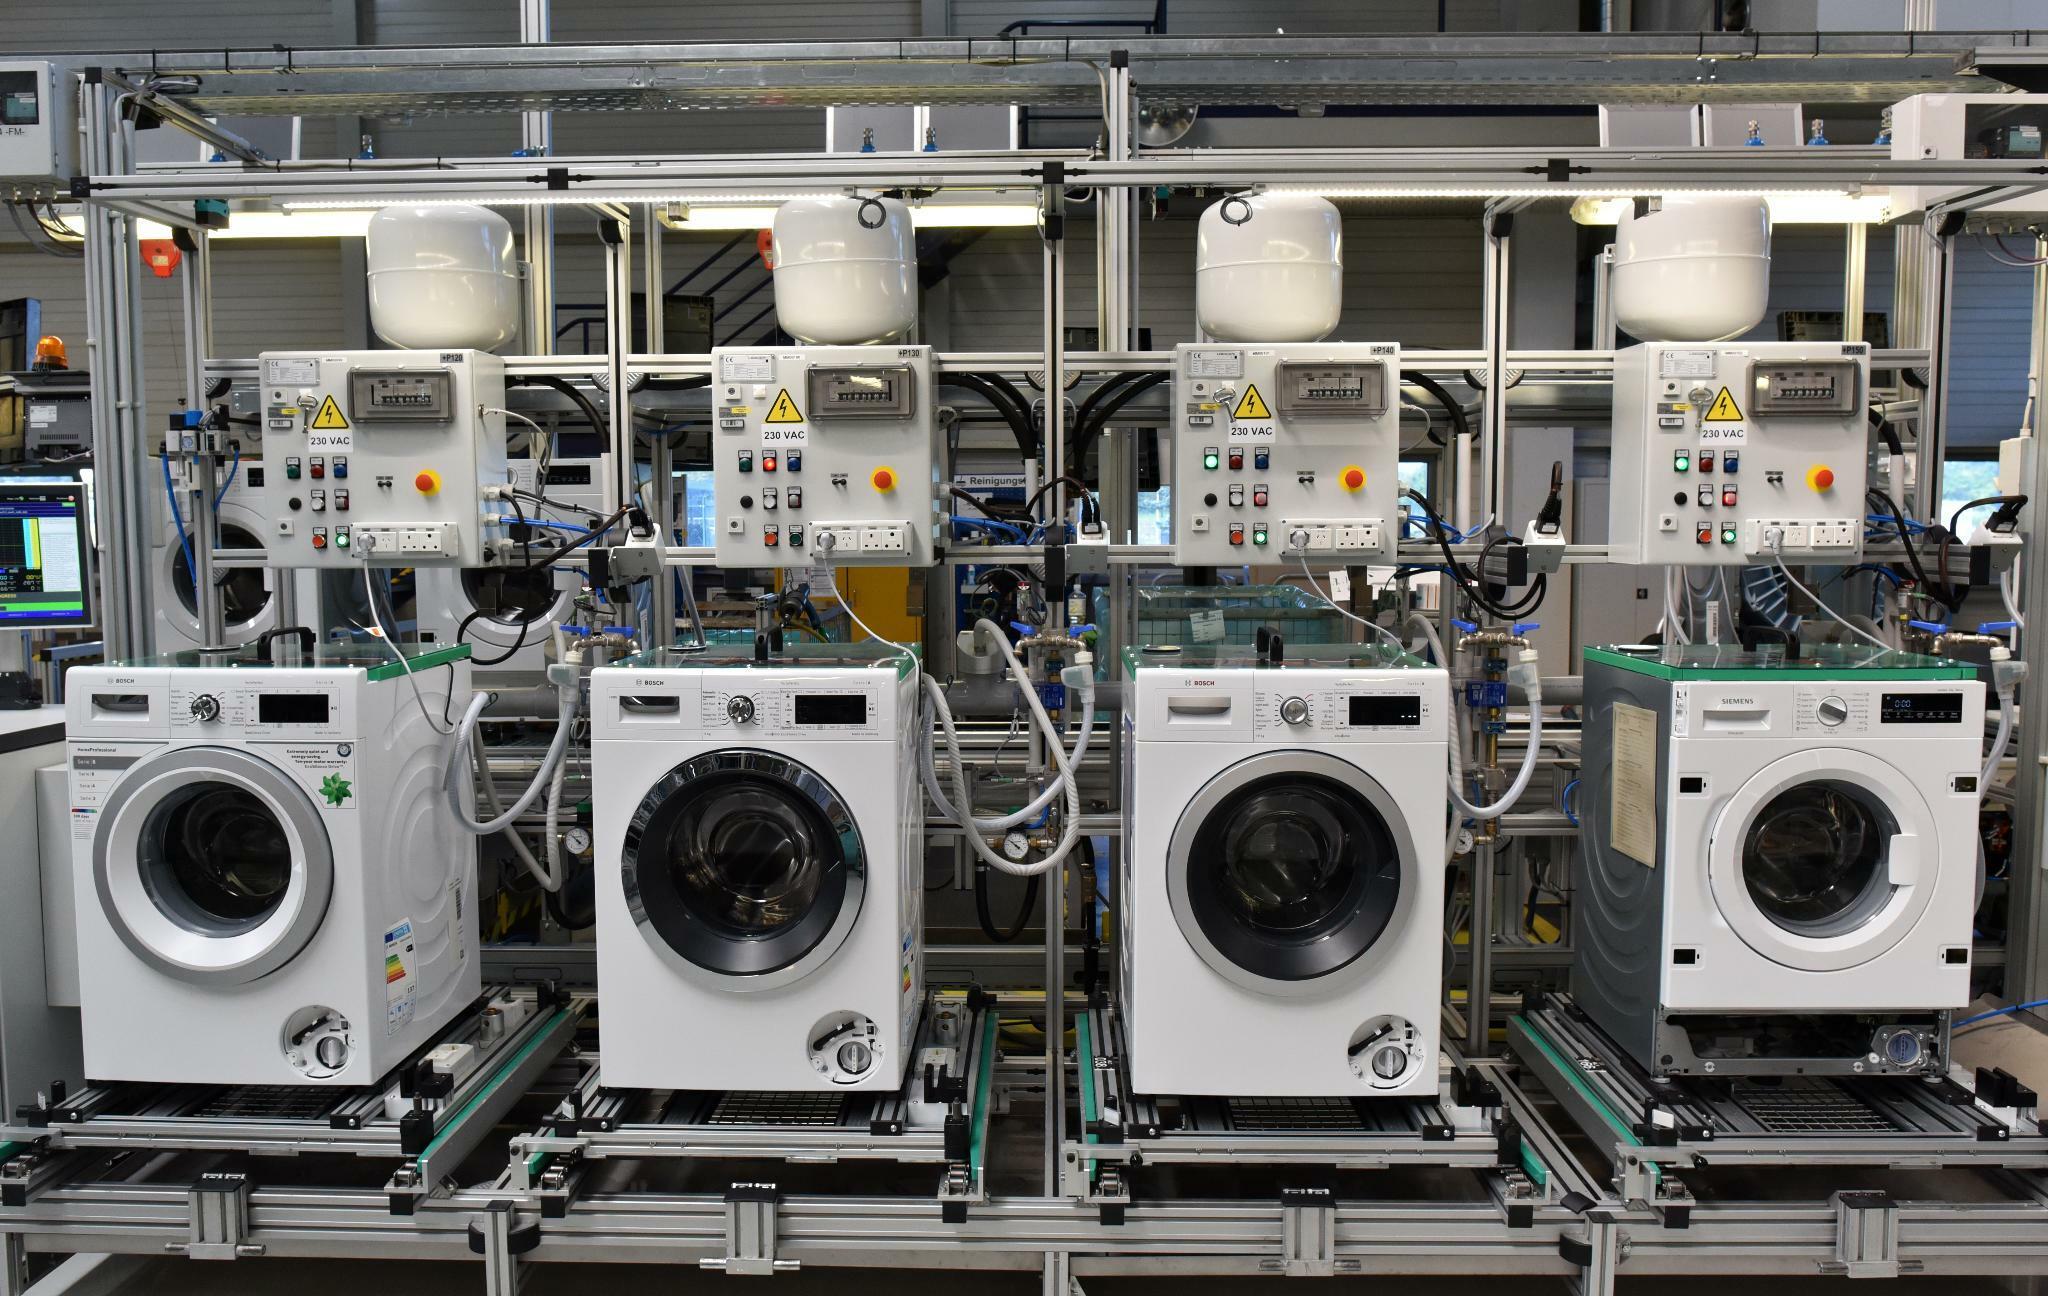 Bosch Kühlschrank Deutschland : Bosch tochter: umsatz von bsh hausgeräte sinkt